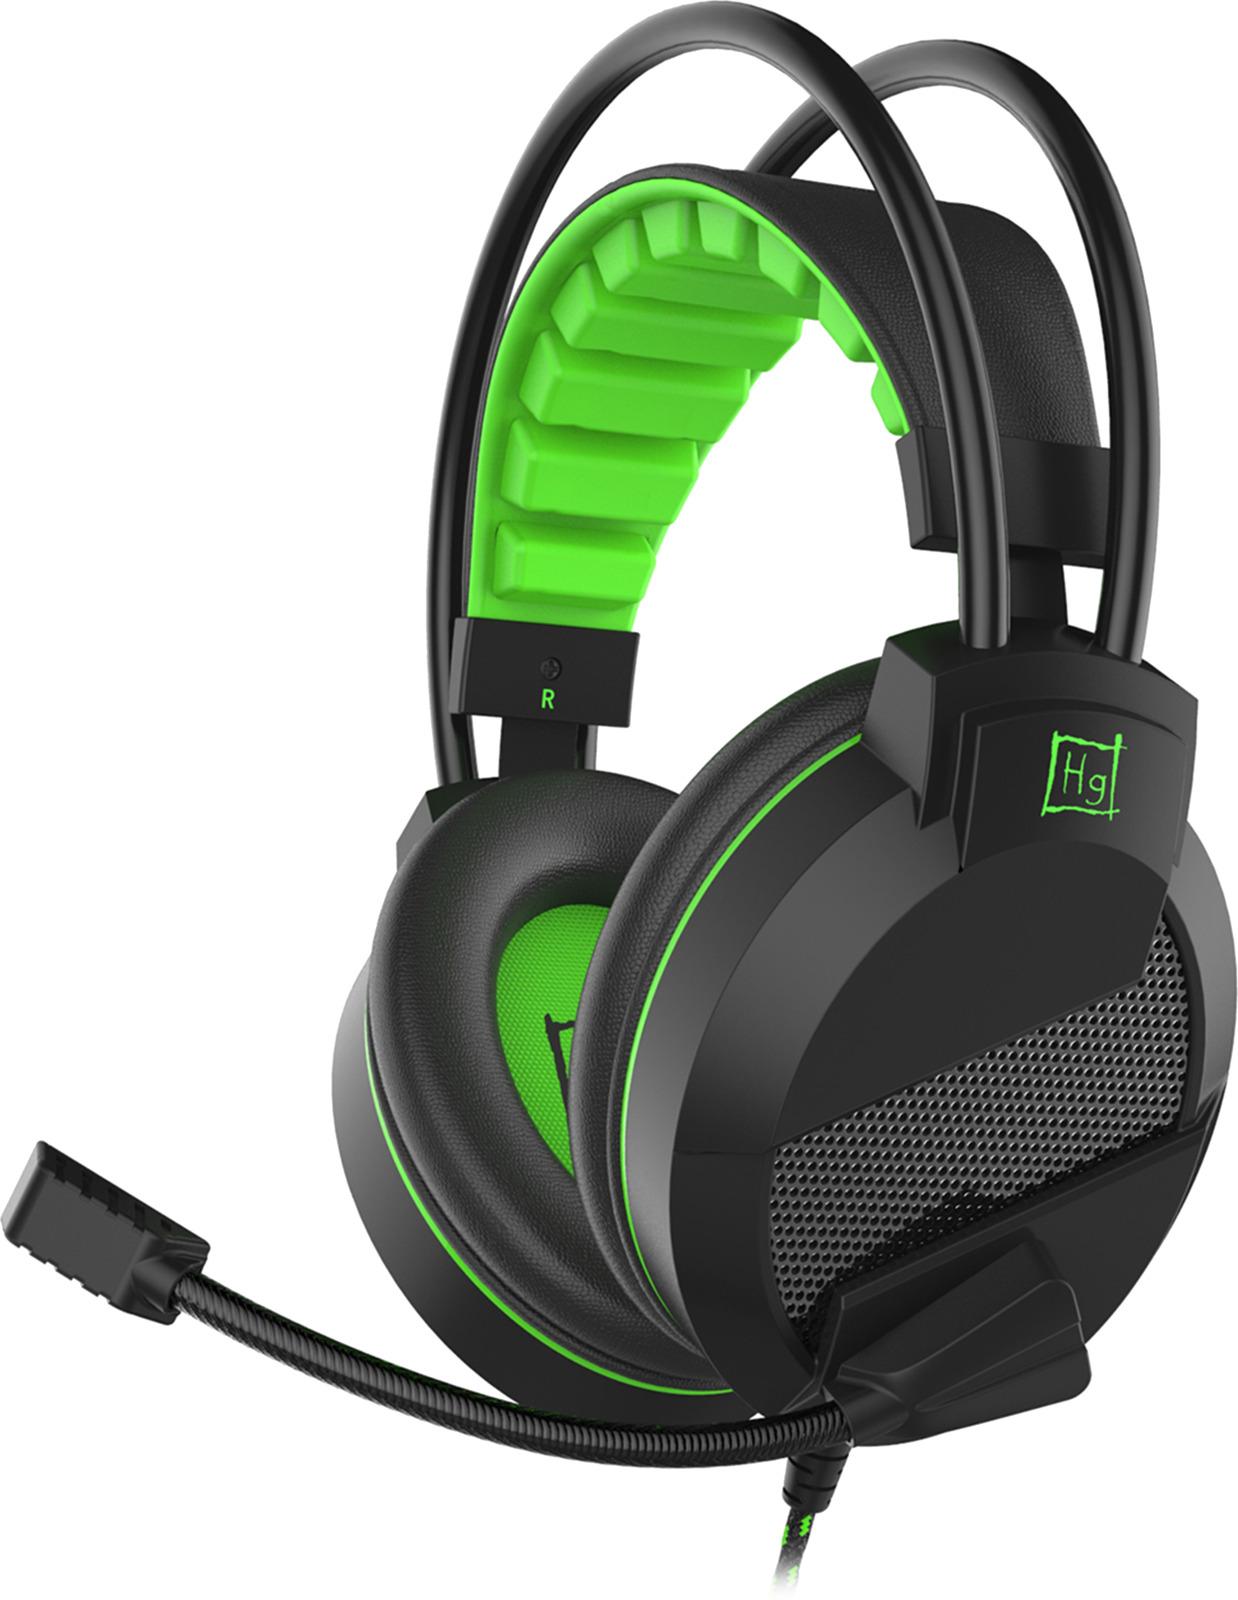 Игровые наушники Harper Gaming Mirage, GHS-R101, черный, зеленый гарнитура harper bto 2020 черный